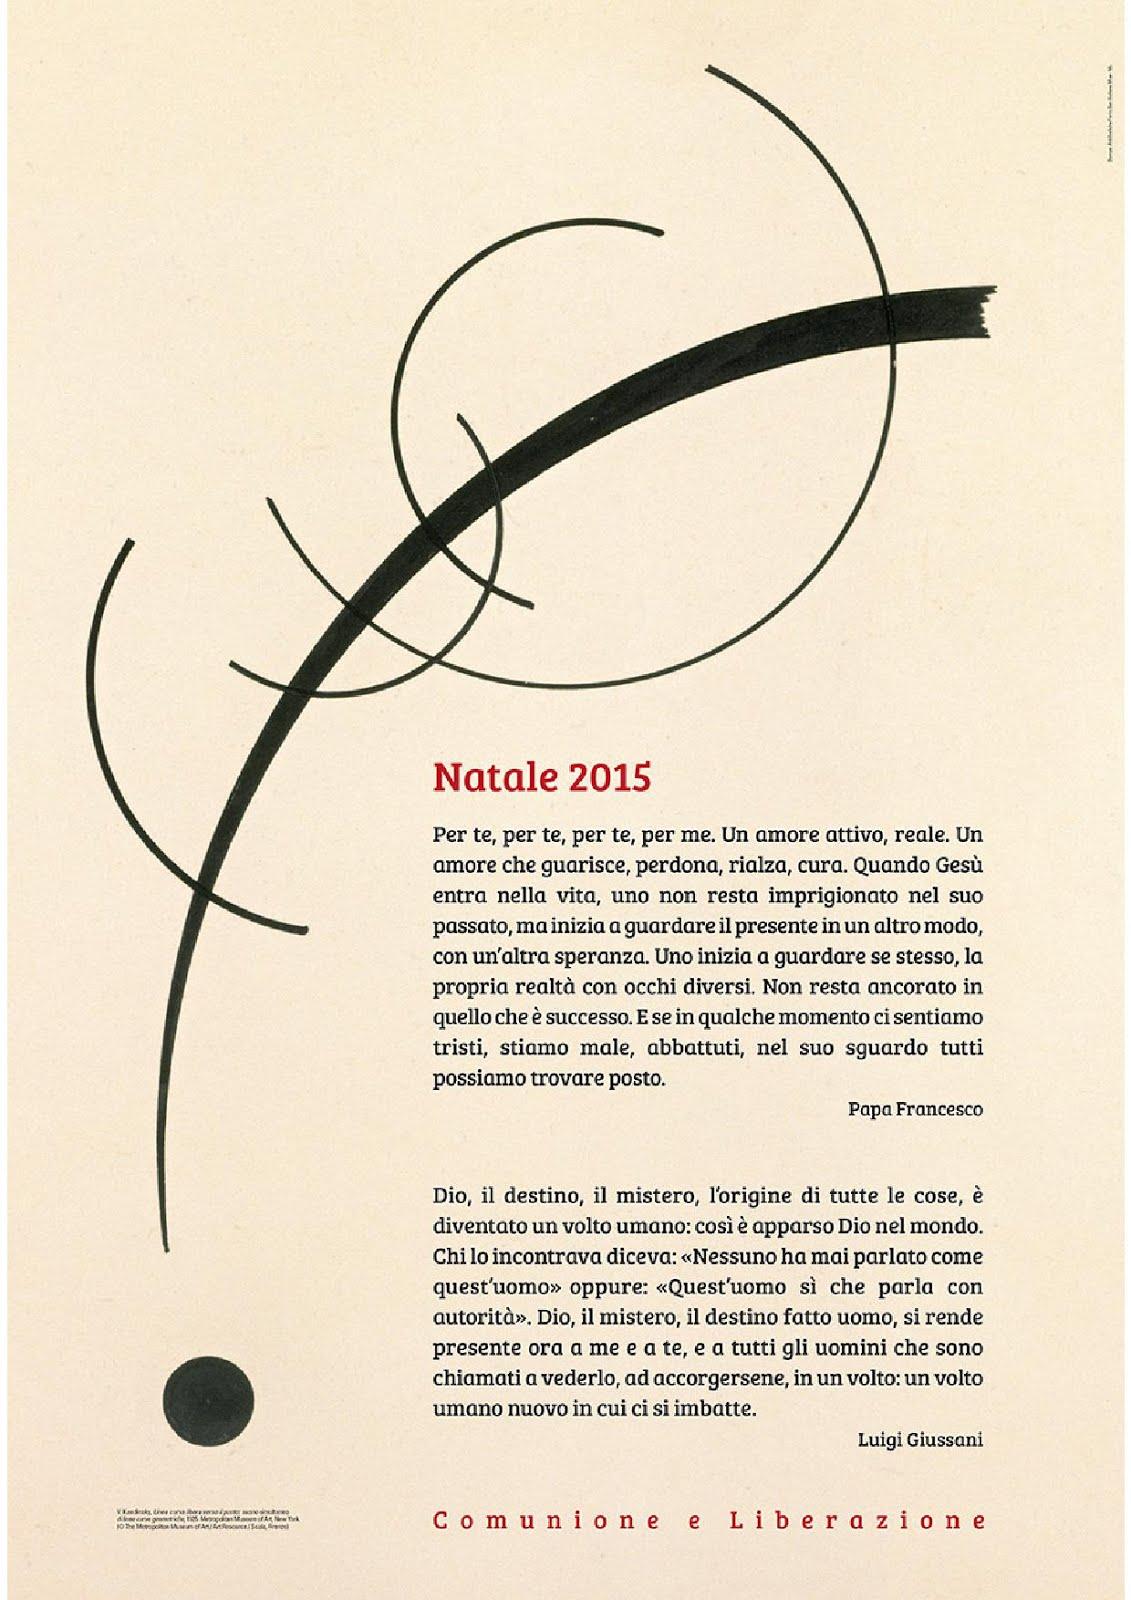 VOLANTONE NATALE 2015